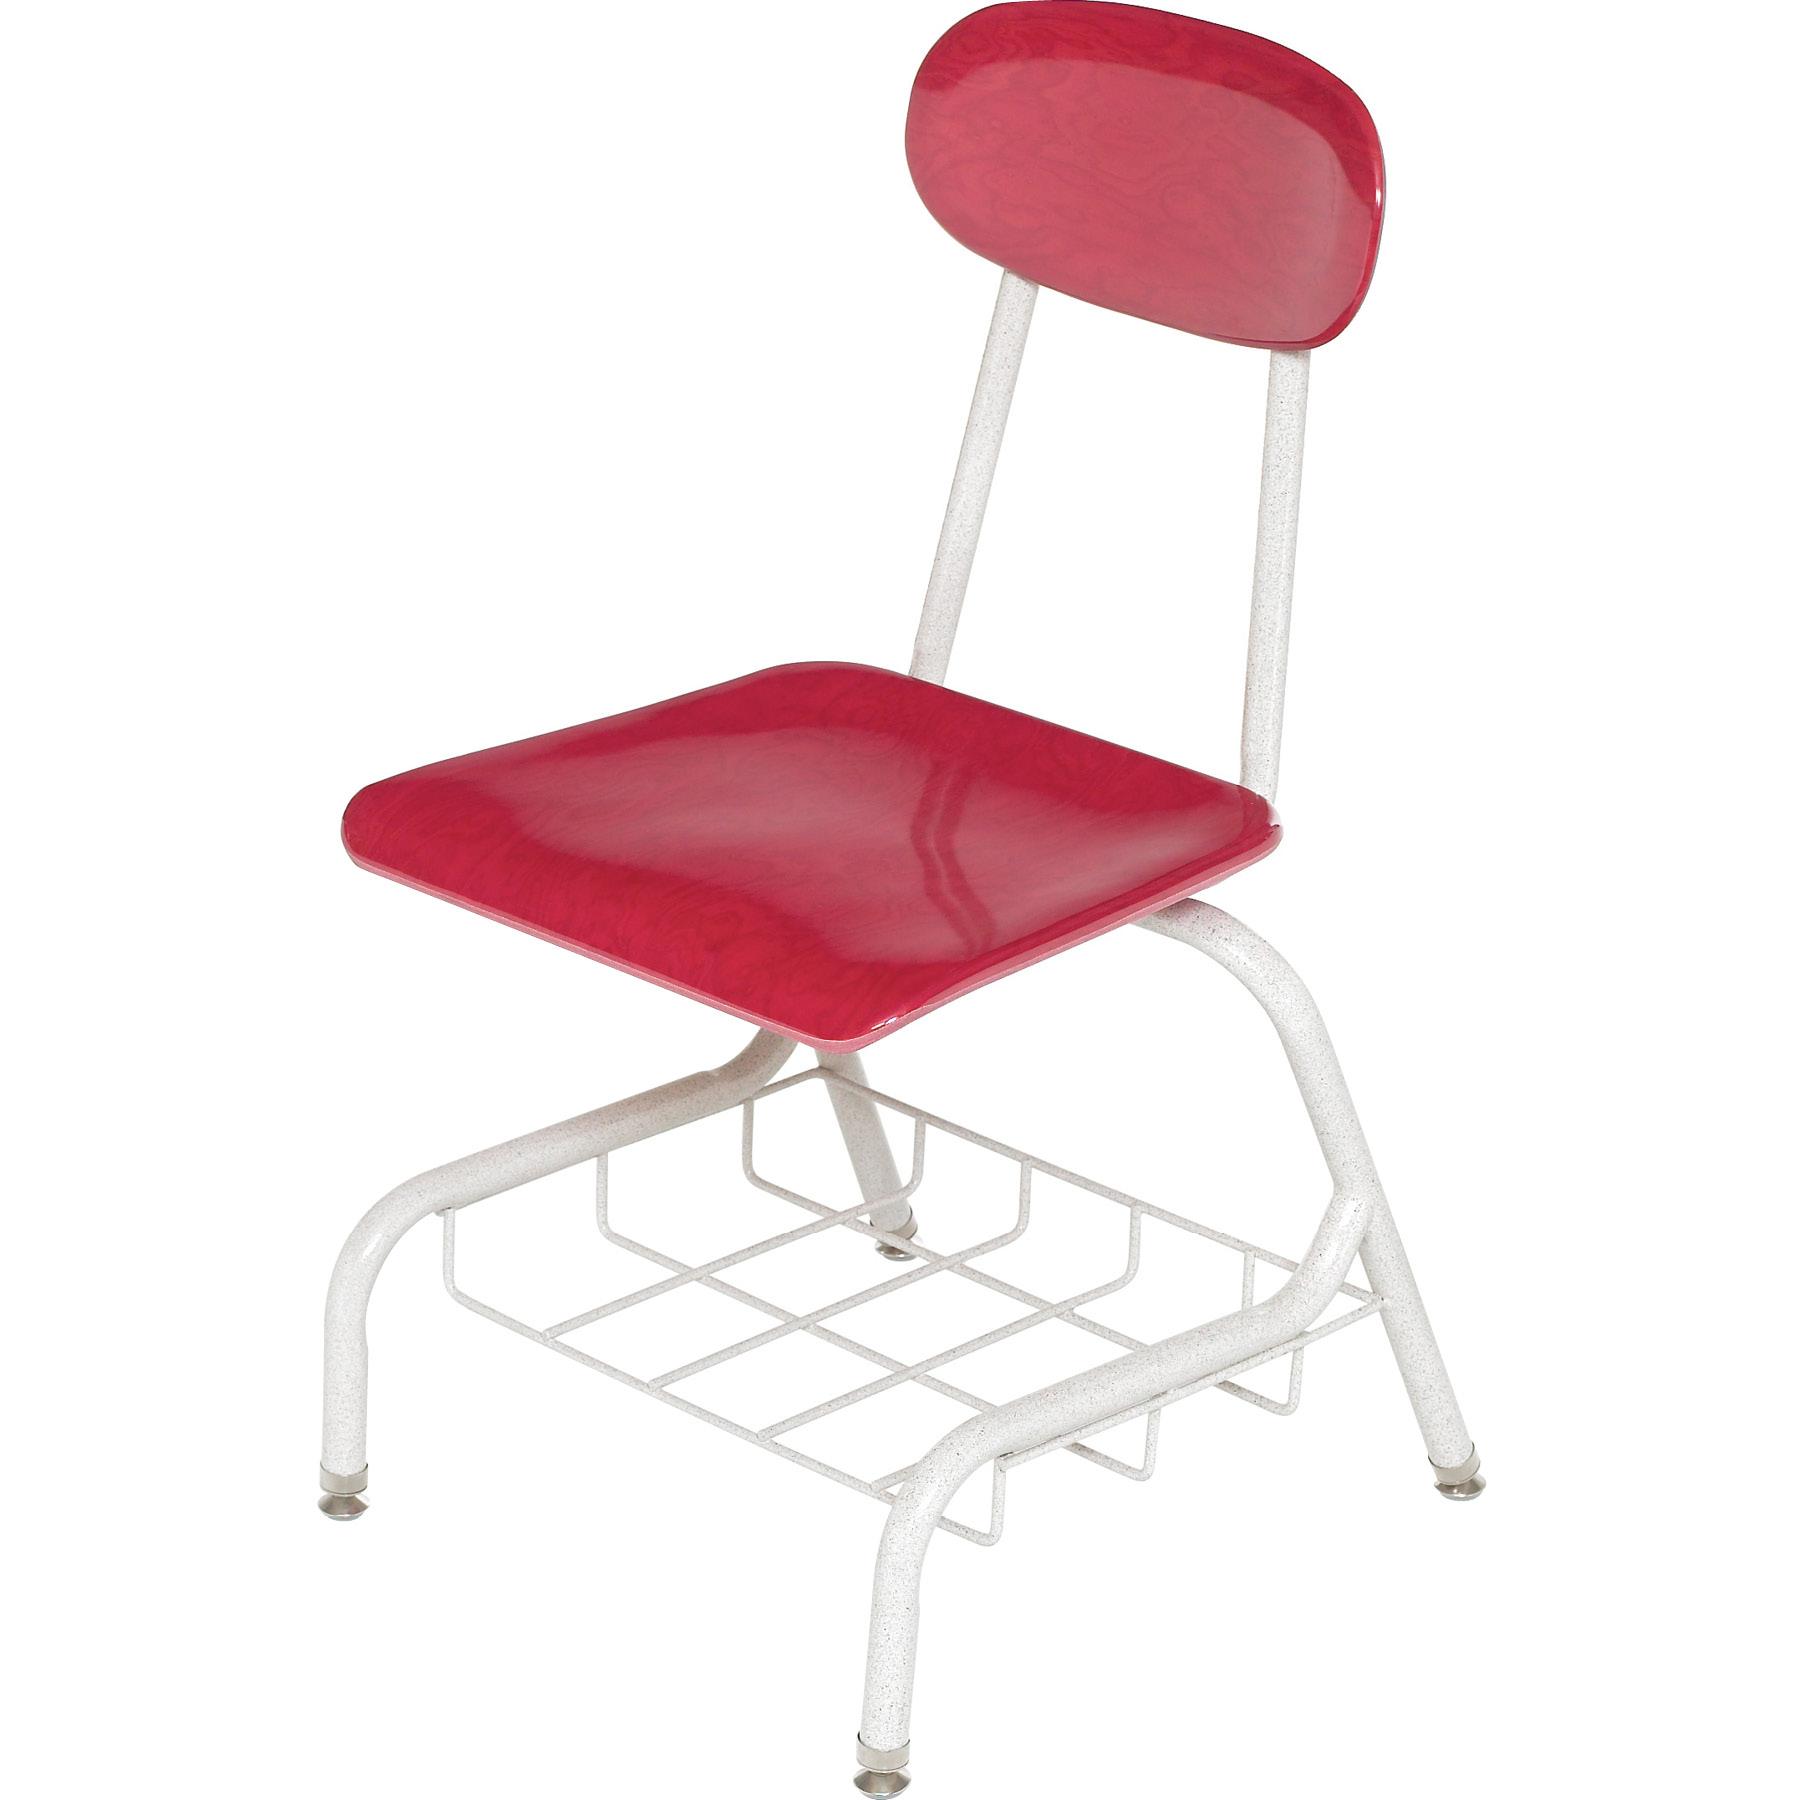 1167 book bag chair